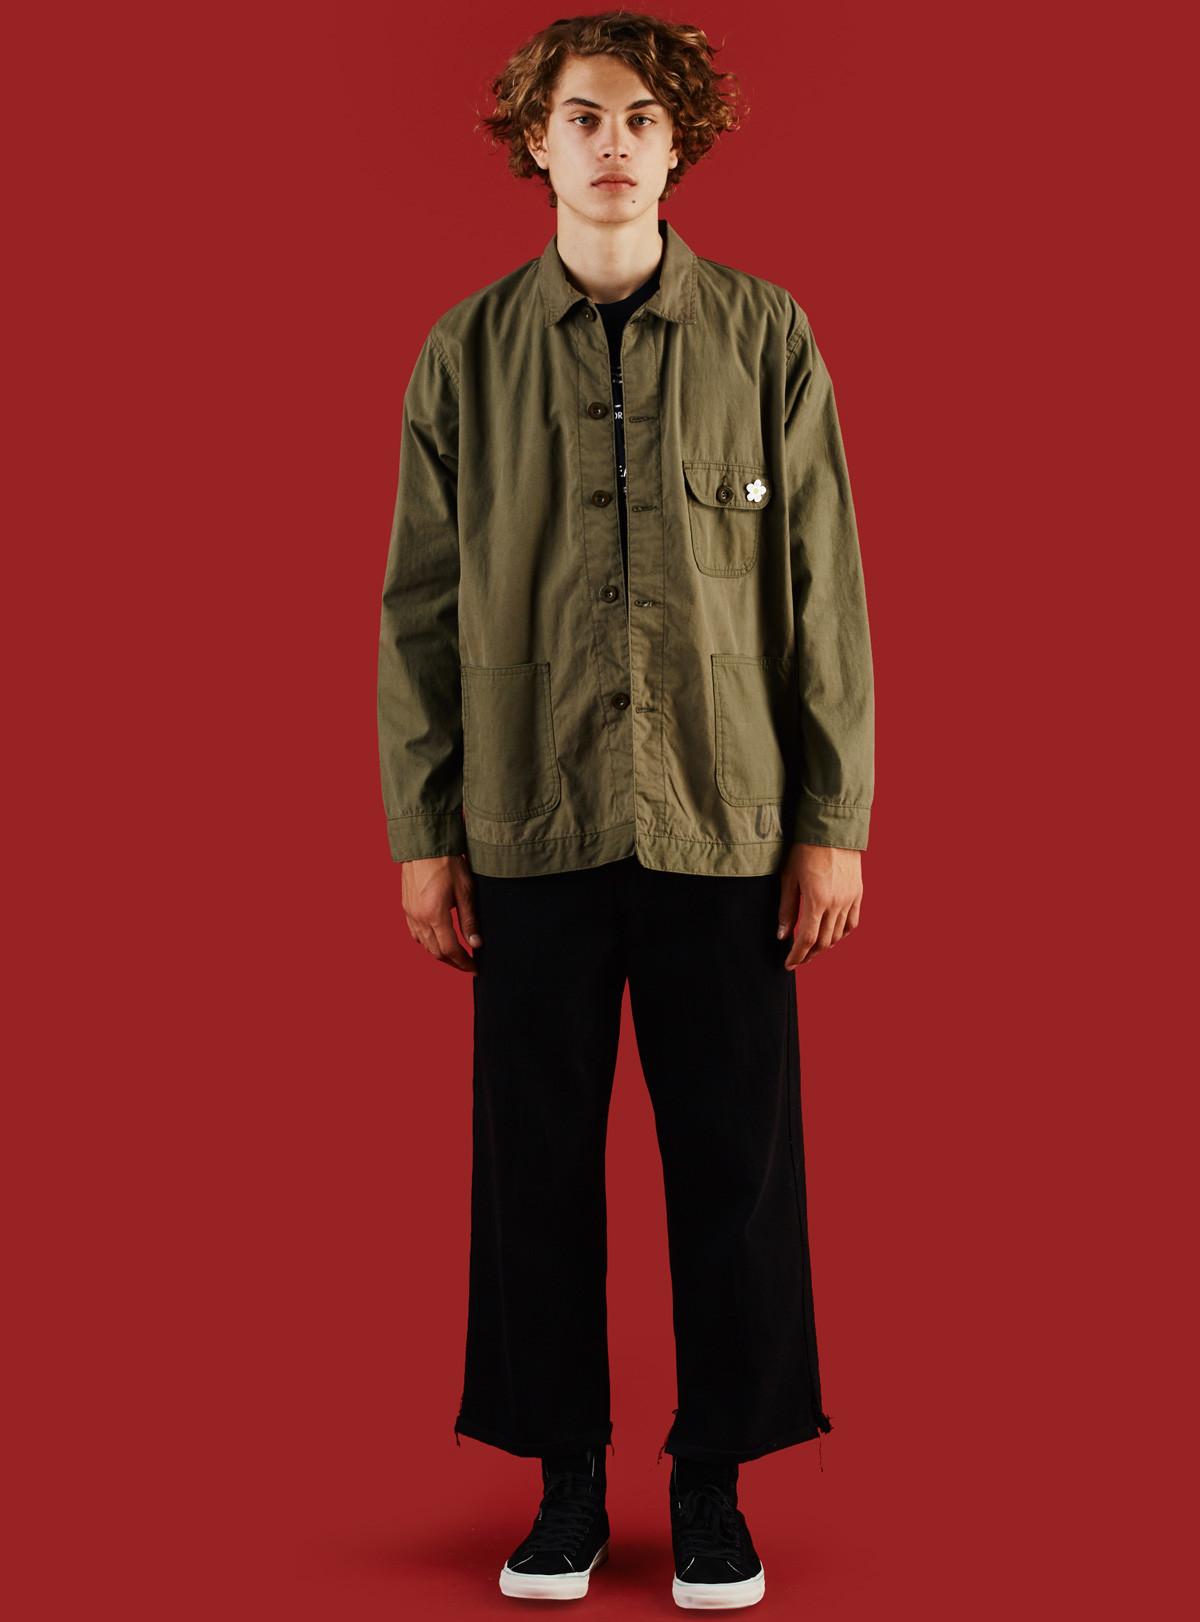 unif_army_prison_jacket_1